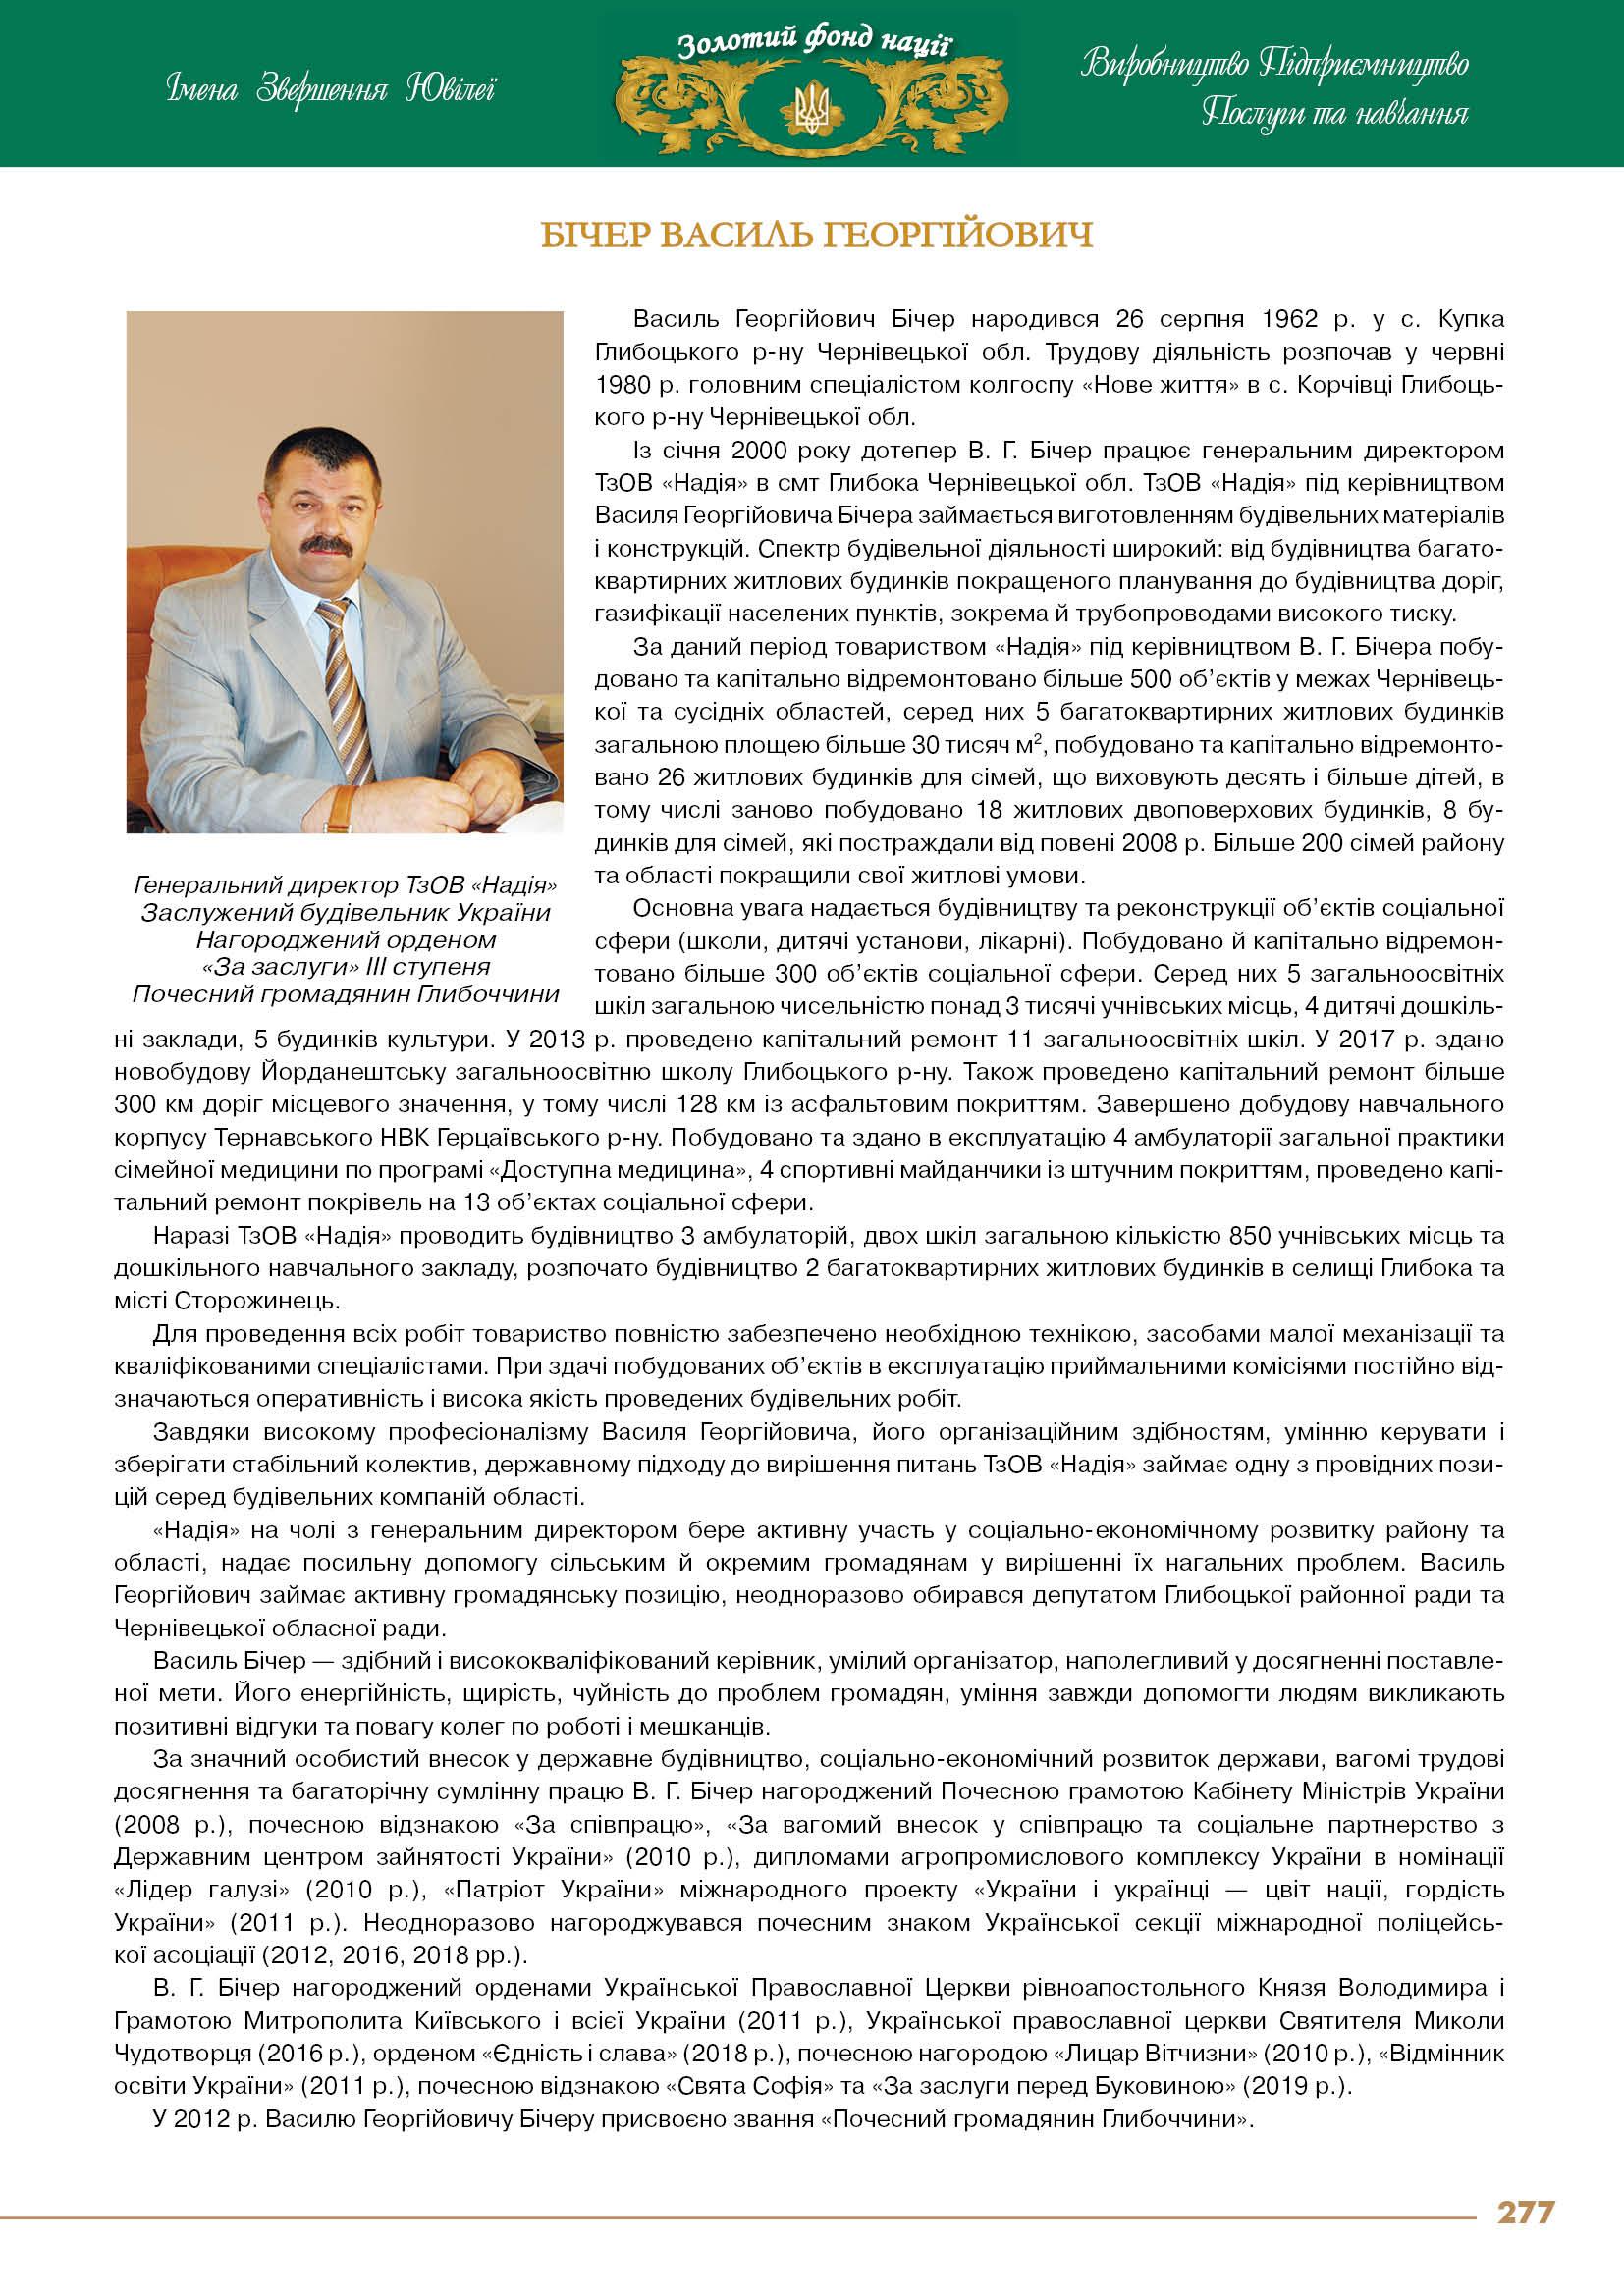 Бічер Василь Георгійович